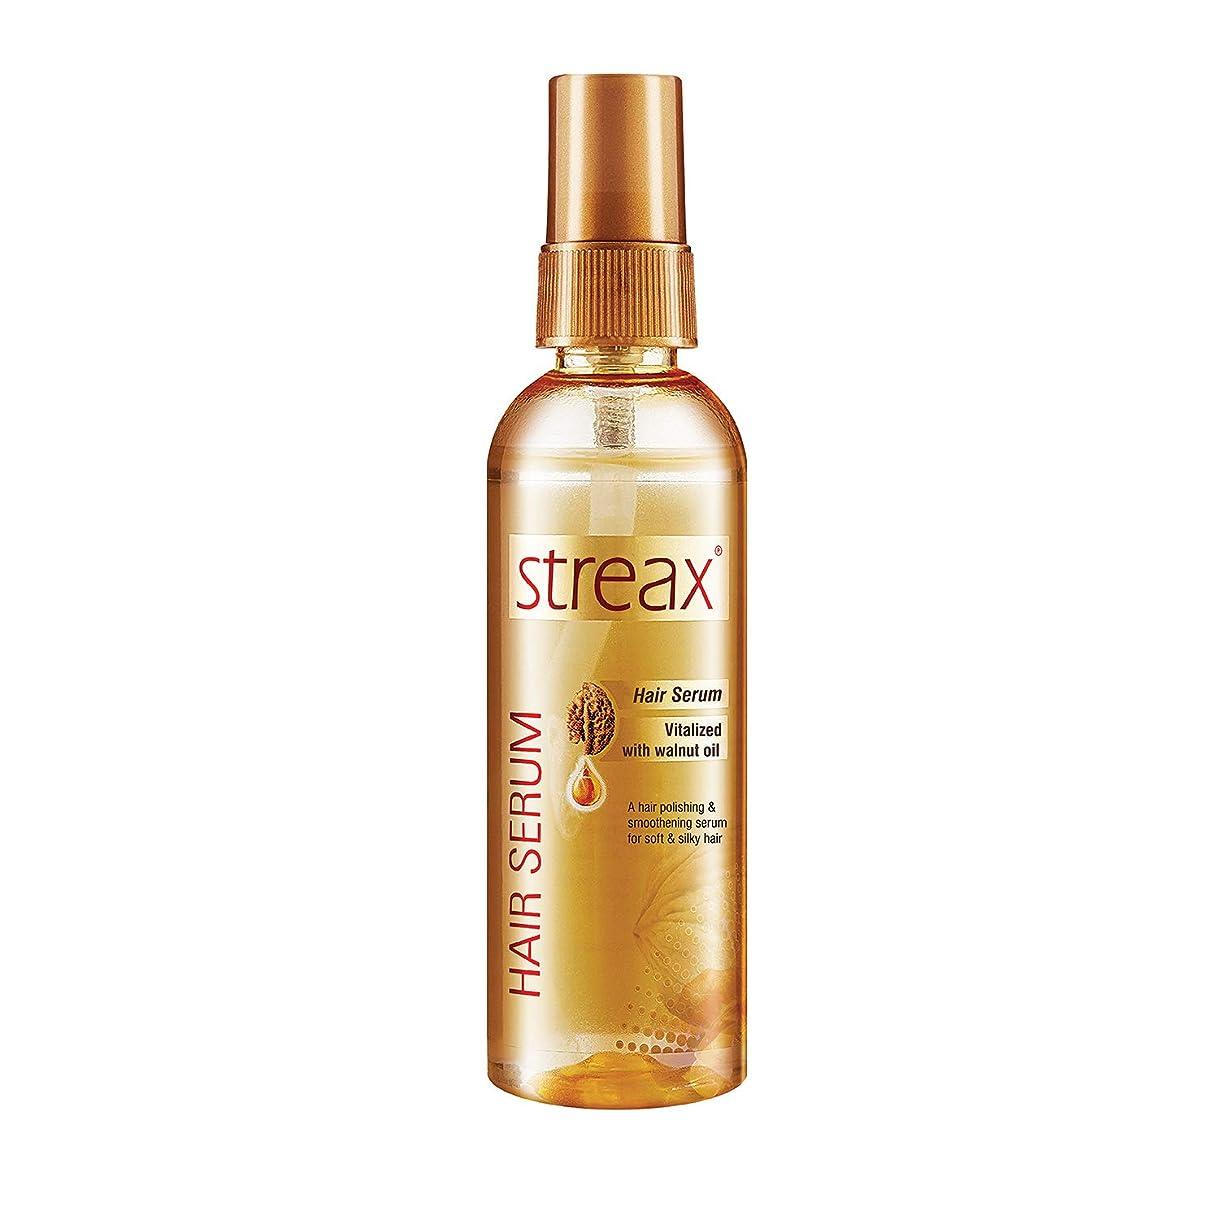 新年リンケージ無効にするクルミオイルで強化しStreax髪血清は縮れフリーサテンスムースヘア100ミリリットルを提供します( 3.5オンス)Streax Hair Serum Enriched with Walnut Oil Gives Frizz-free Satin Smooth Hair 100ml (3.5 Oz)